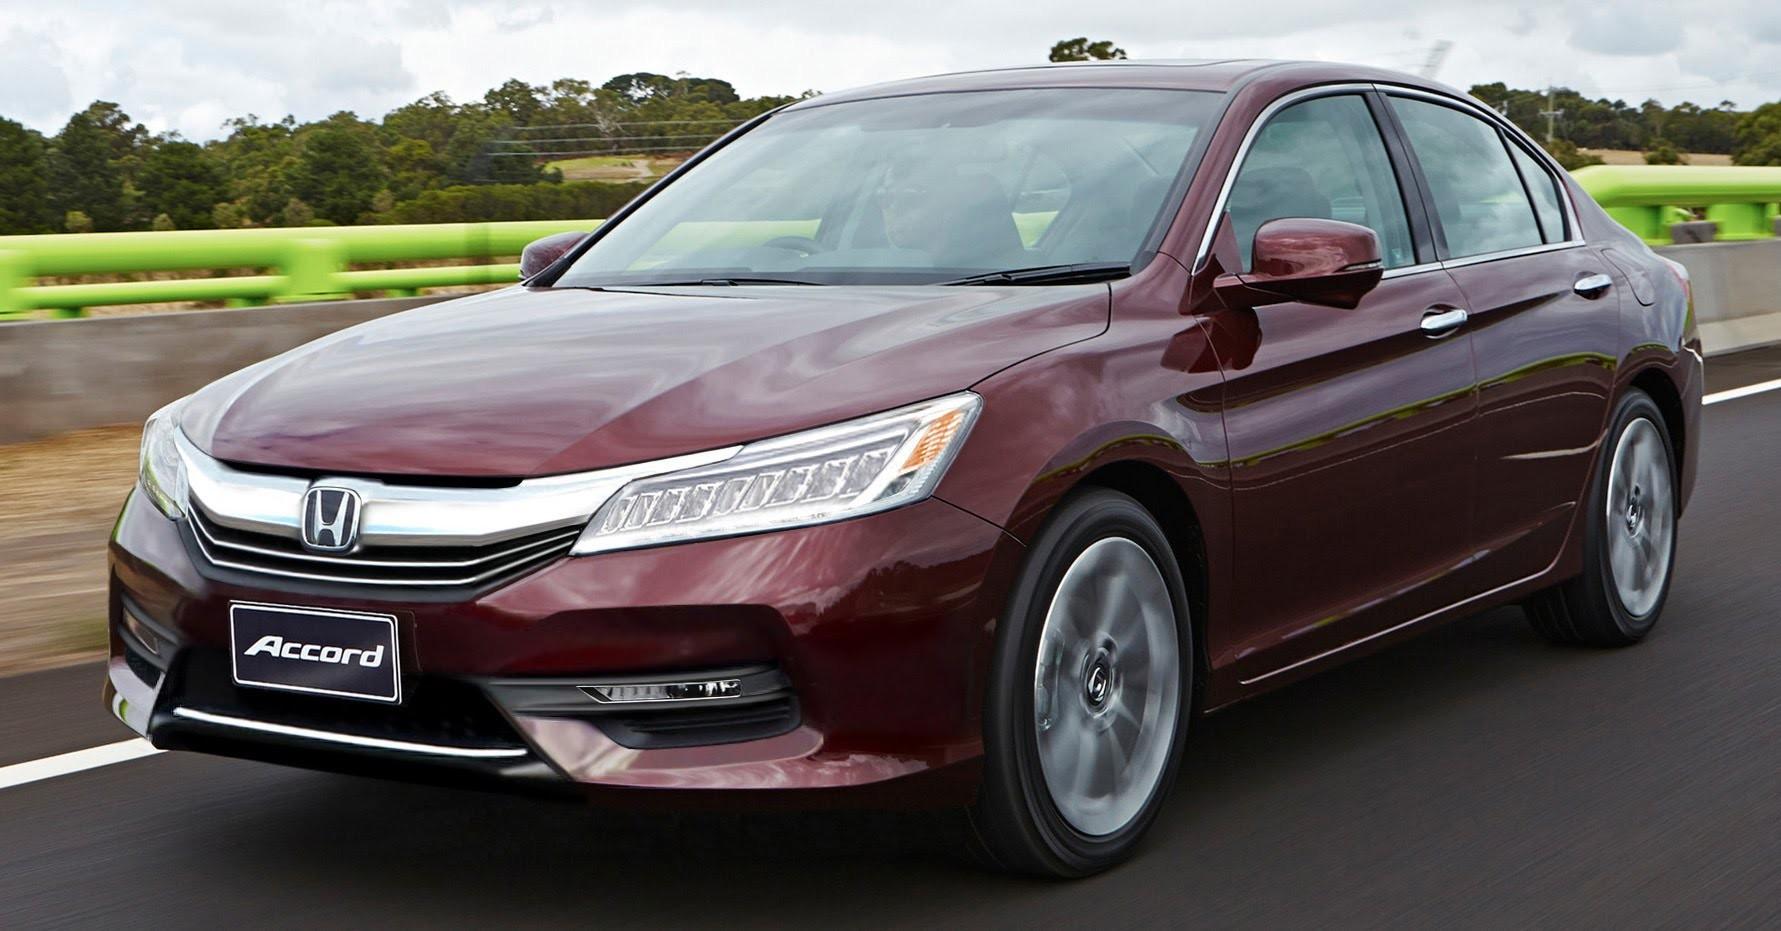 Honda Accord является одним из лучших автомобилей на рынке США